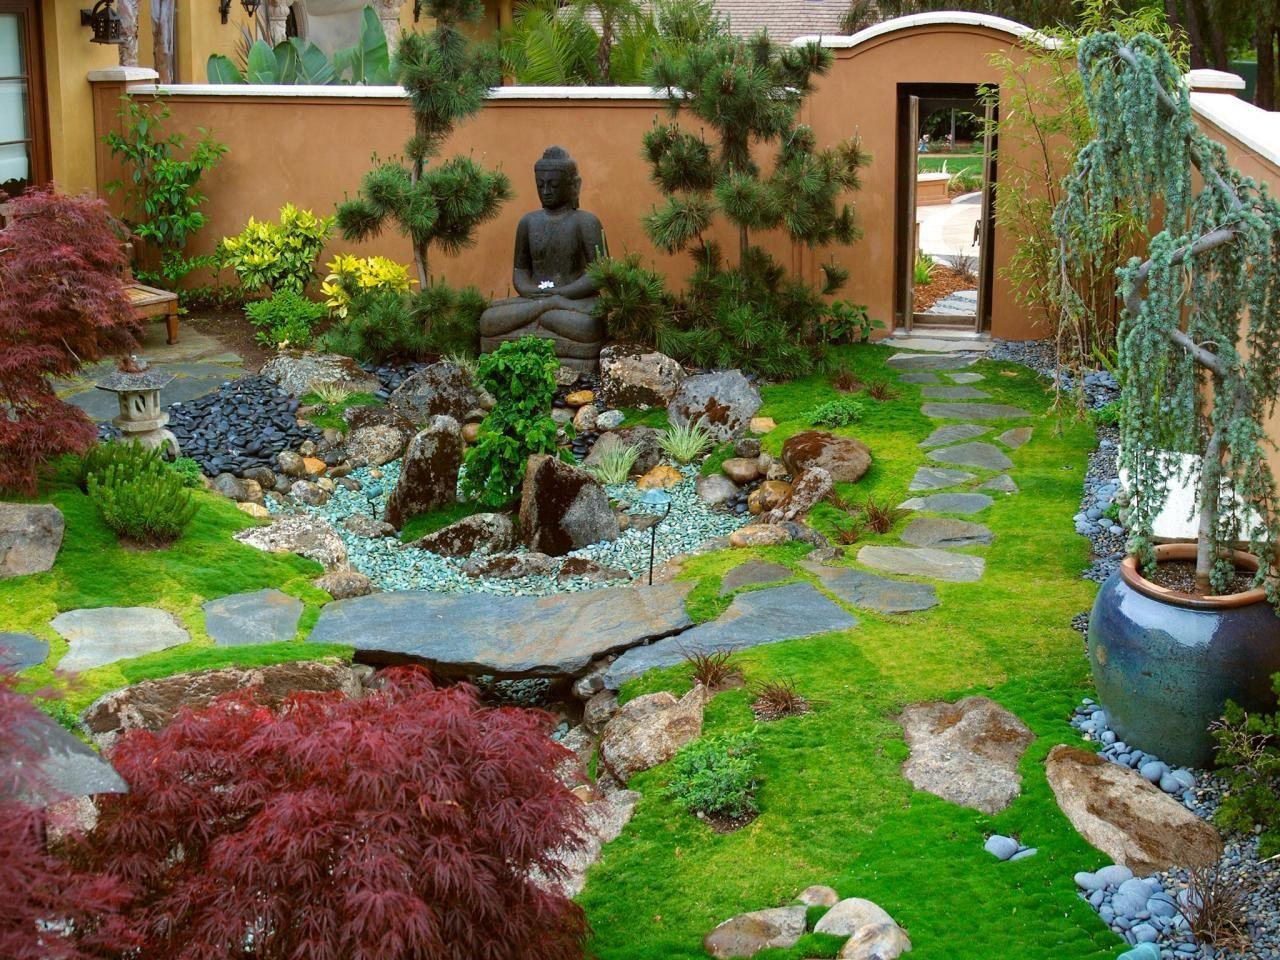 Японский стиль оформления сада, отображенный на небольшом участке